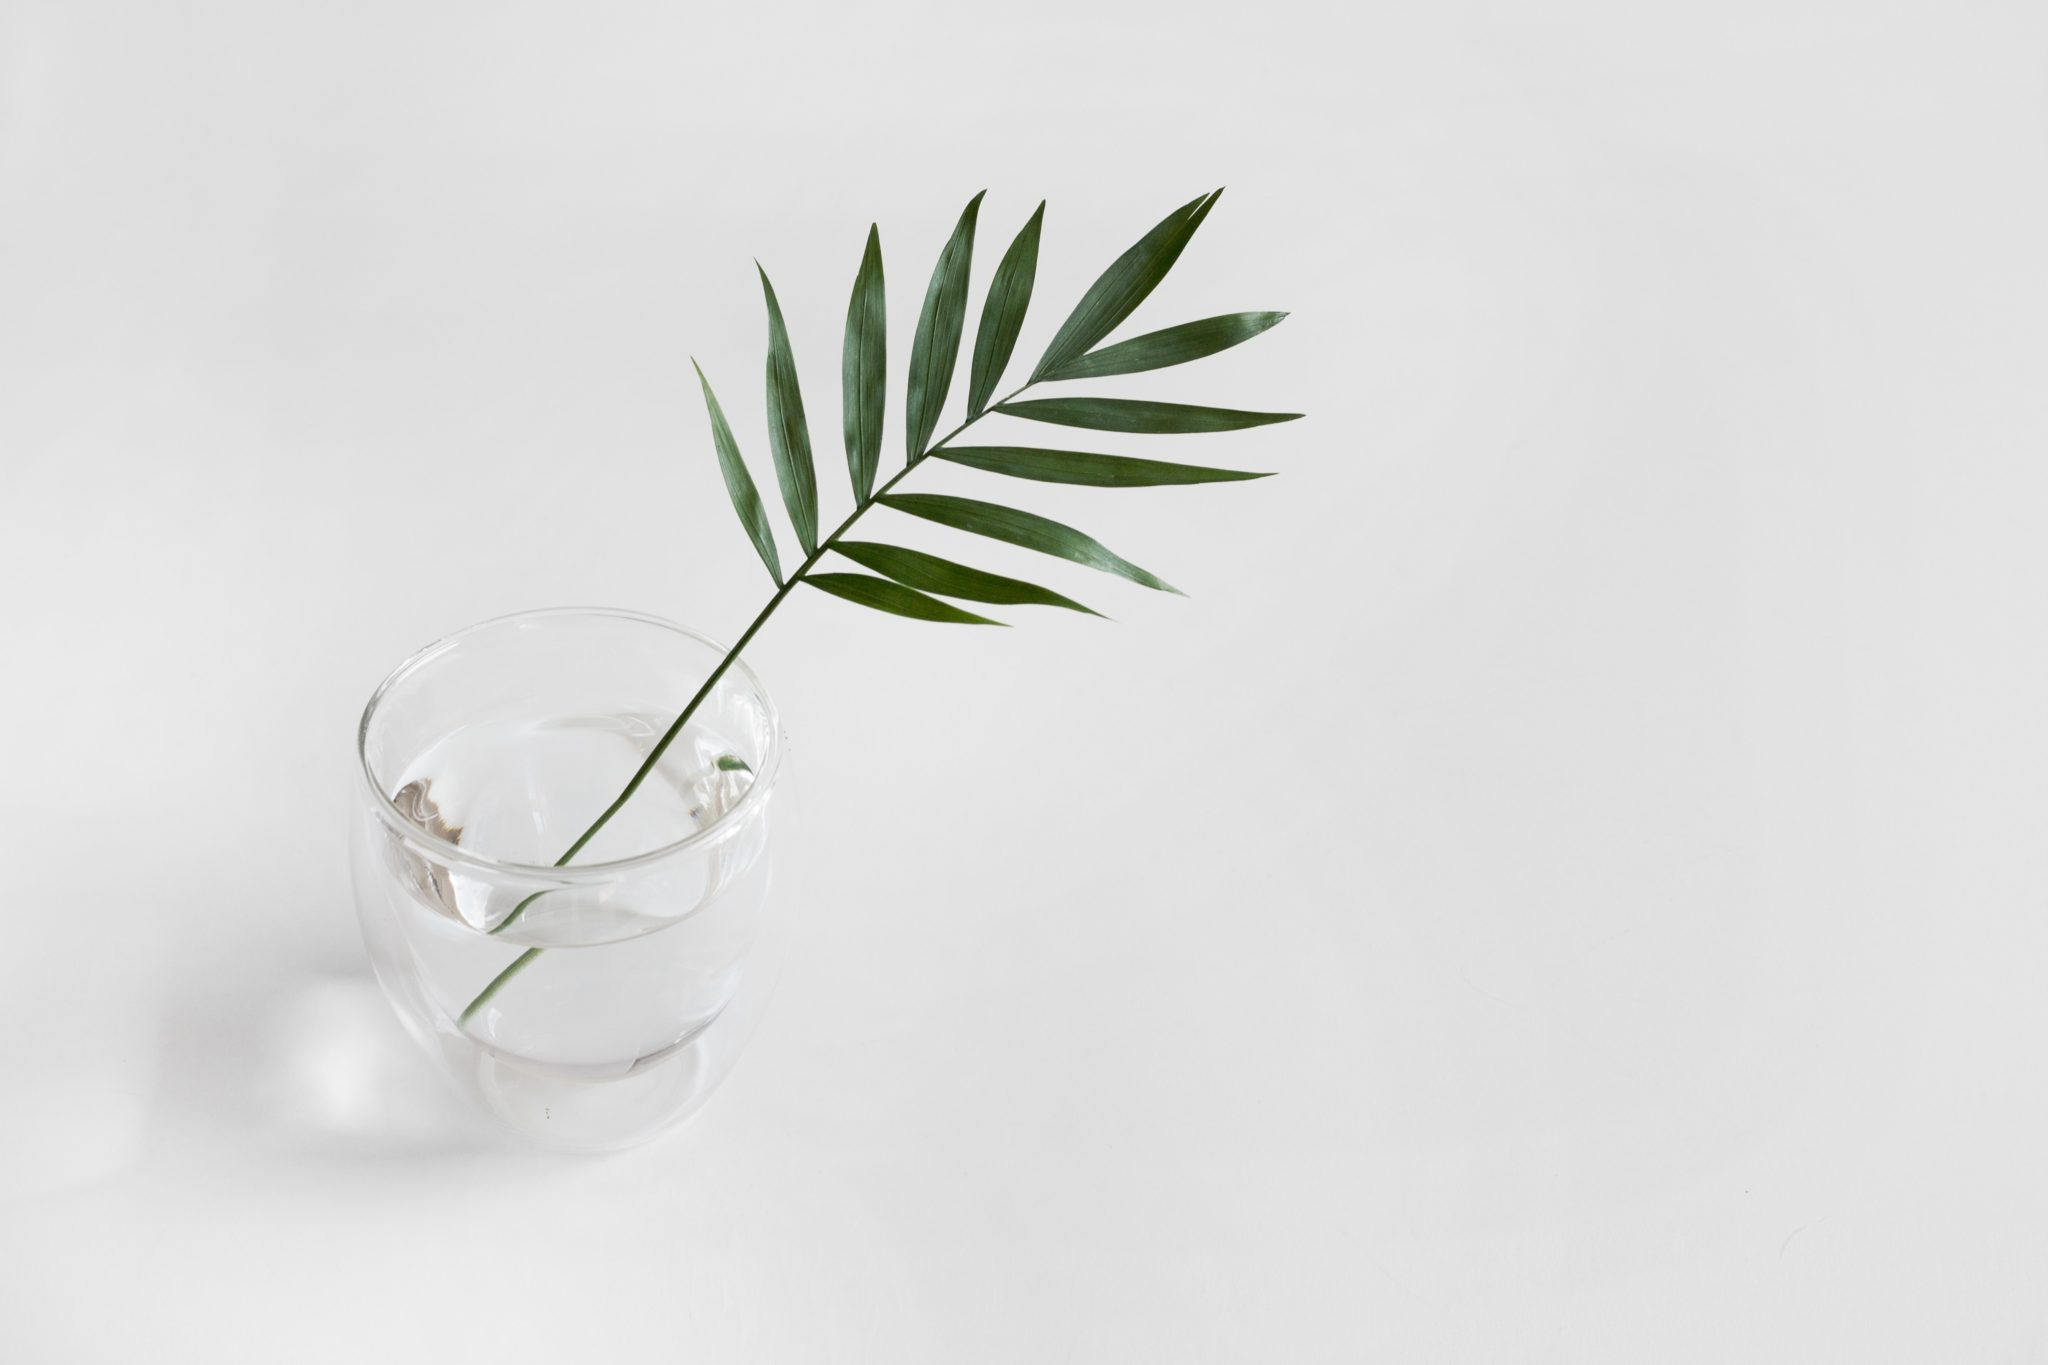 Kasvi maljakossa valkoisella taustalla